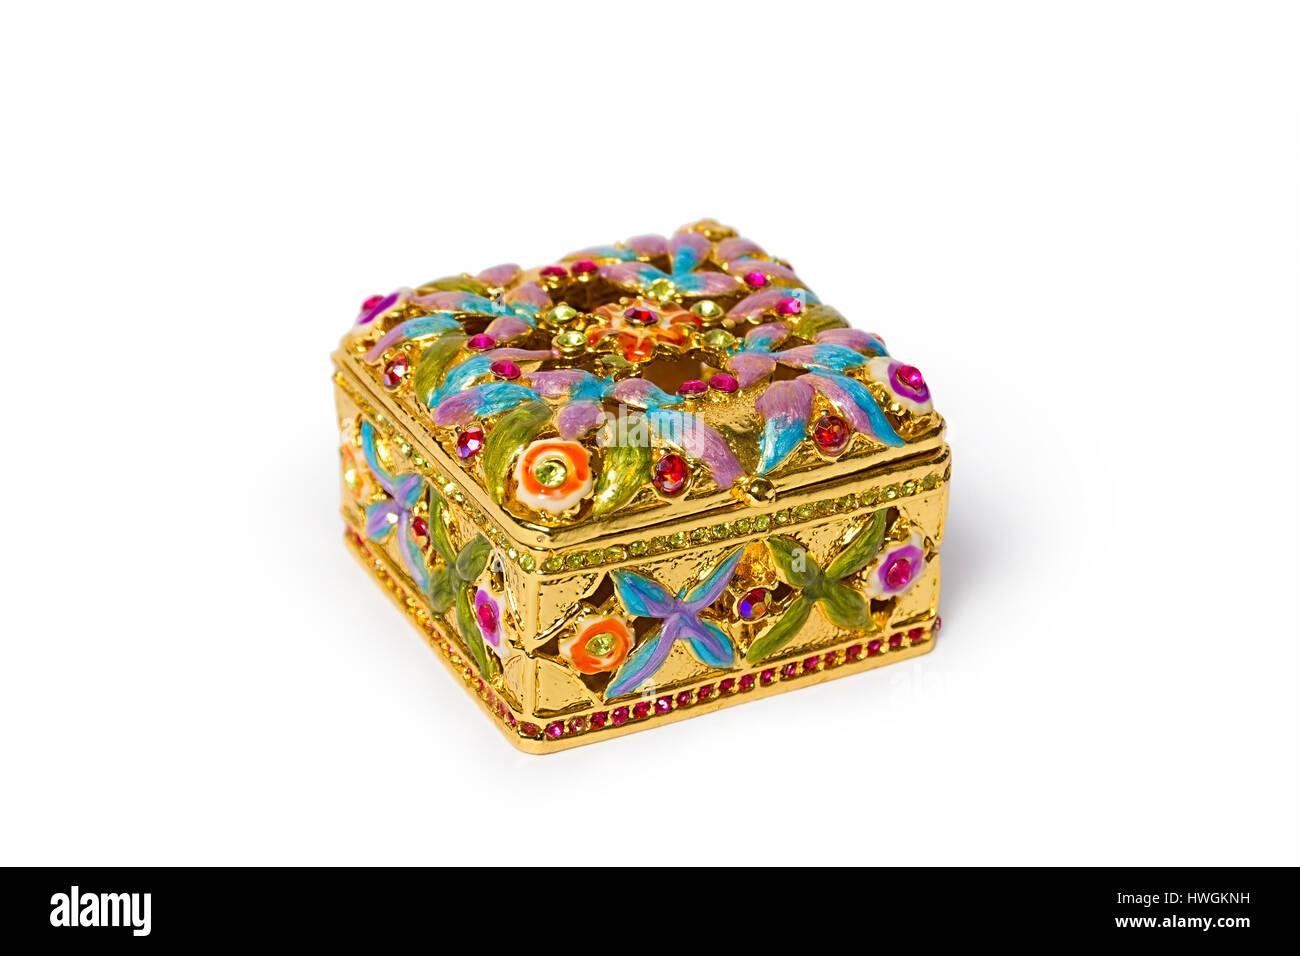 43bab67d34fc Caja de joyas. Cofre de oro con piedras preciosas. Hermosas joyas  artesanales cajas sobre un fondo blanco.